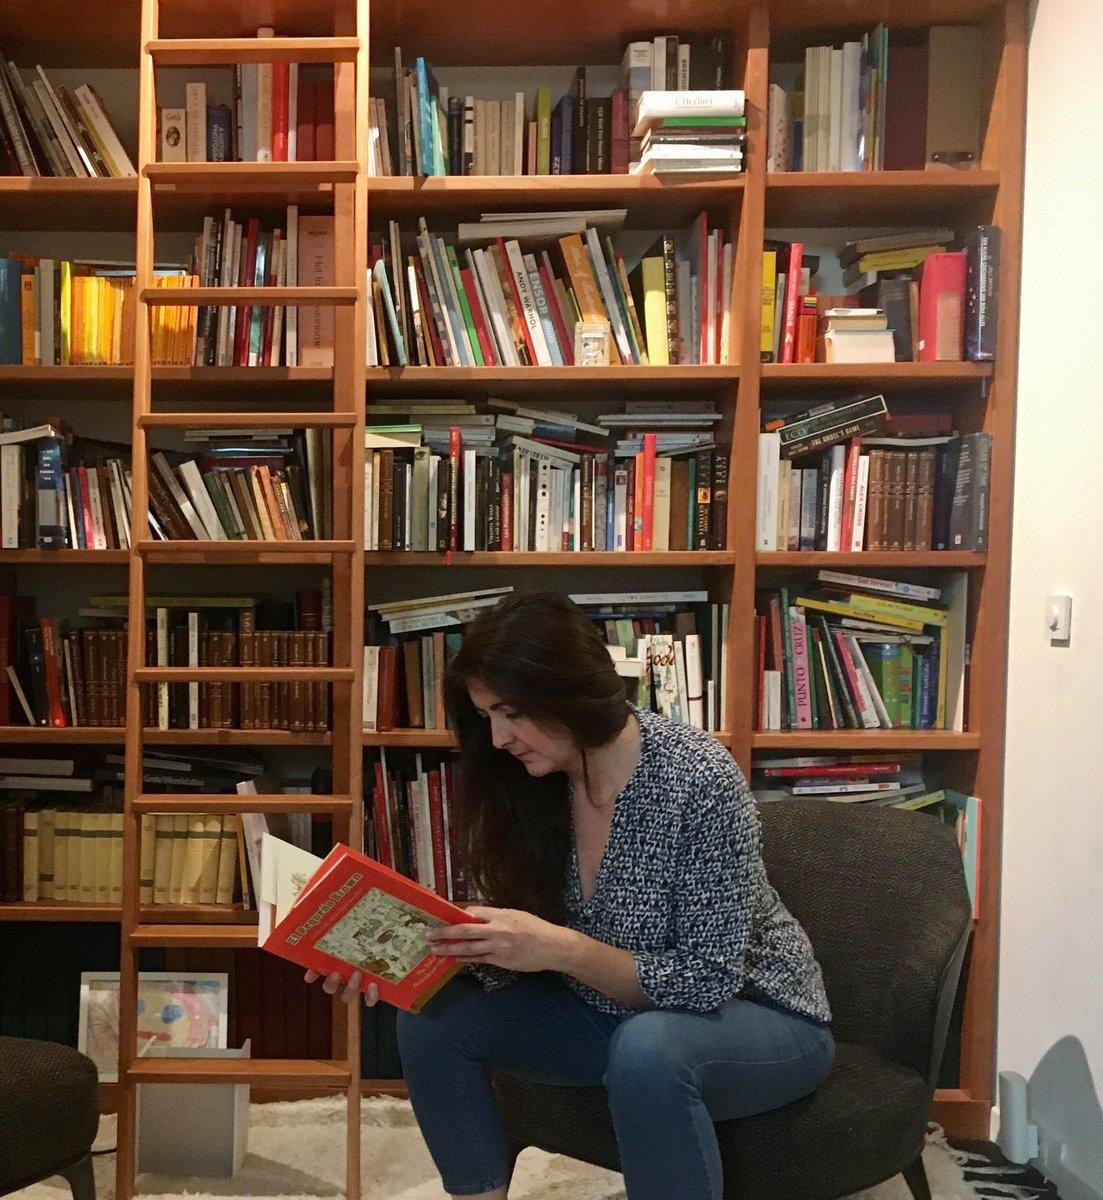 Entretien de Martina Aranda avec la librairie Tropismes Jeunesse où aurait dû se dérouler une séance de dédicaces il y a quelques jours.   cc/ @TropismesL   https://t.co/tb6CxhlGu4 https://t.co/d2FhPzoqsr